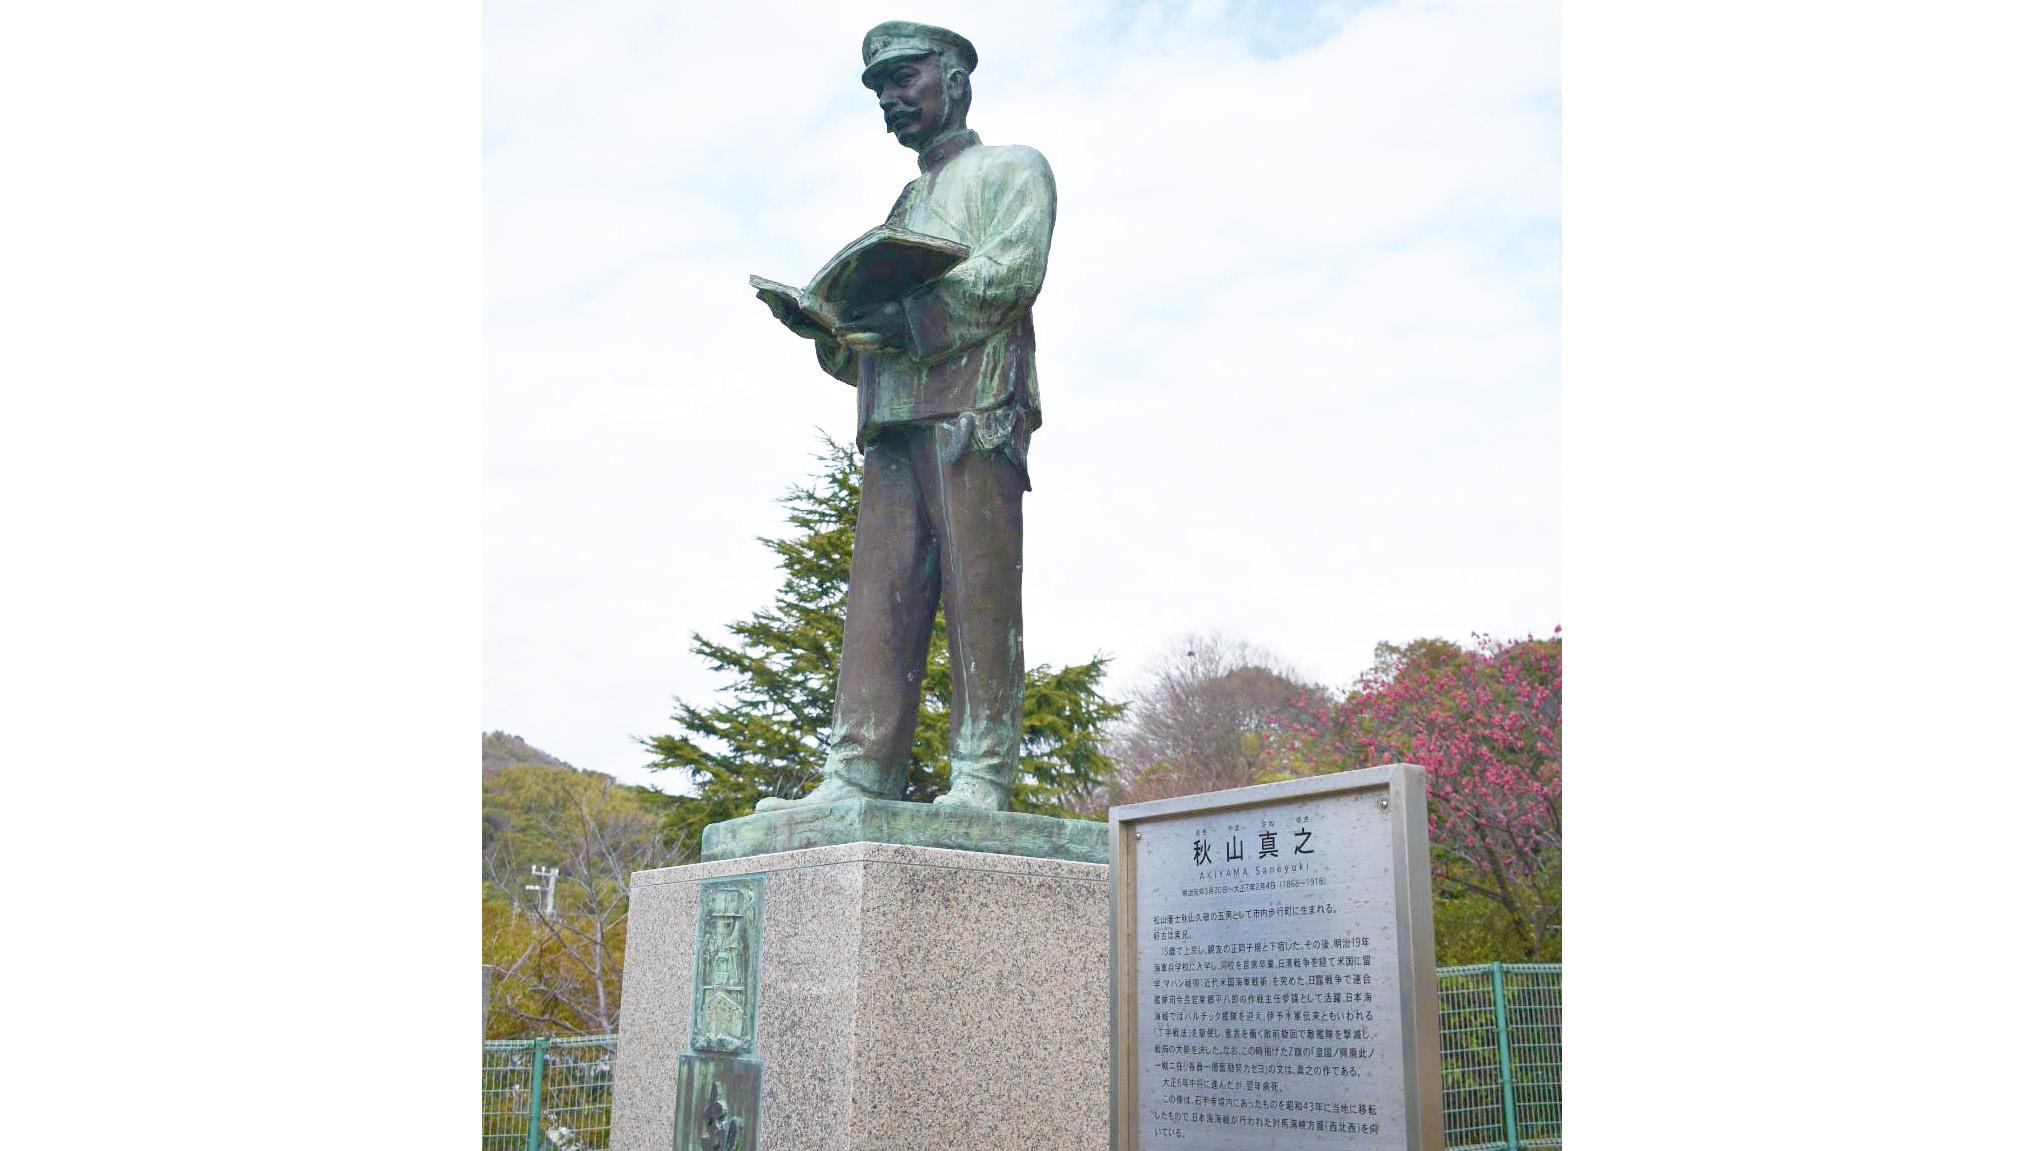 아키야마 요시후루・사네유키 상(秋山好古・真之像)